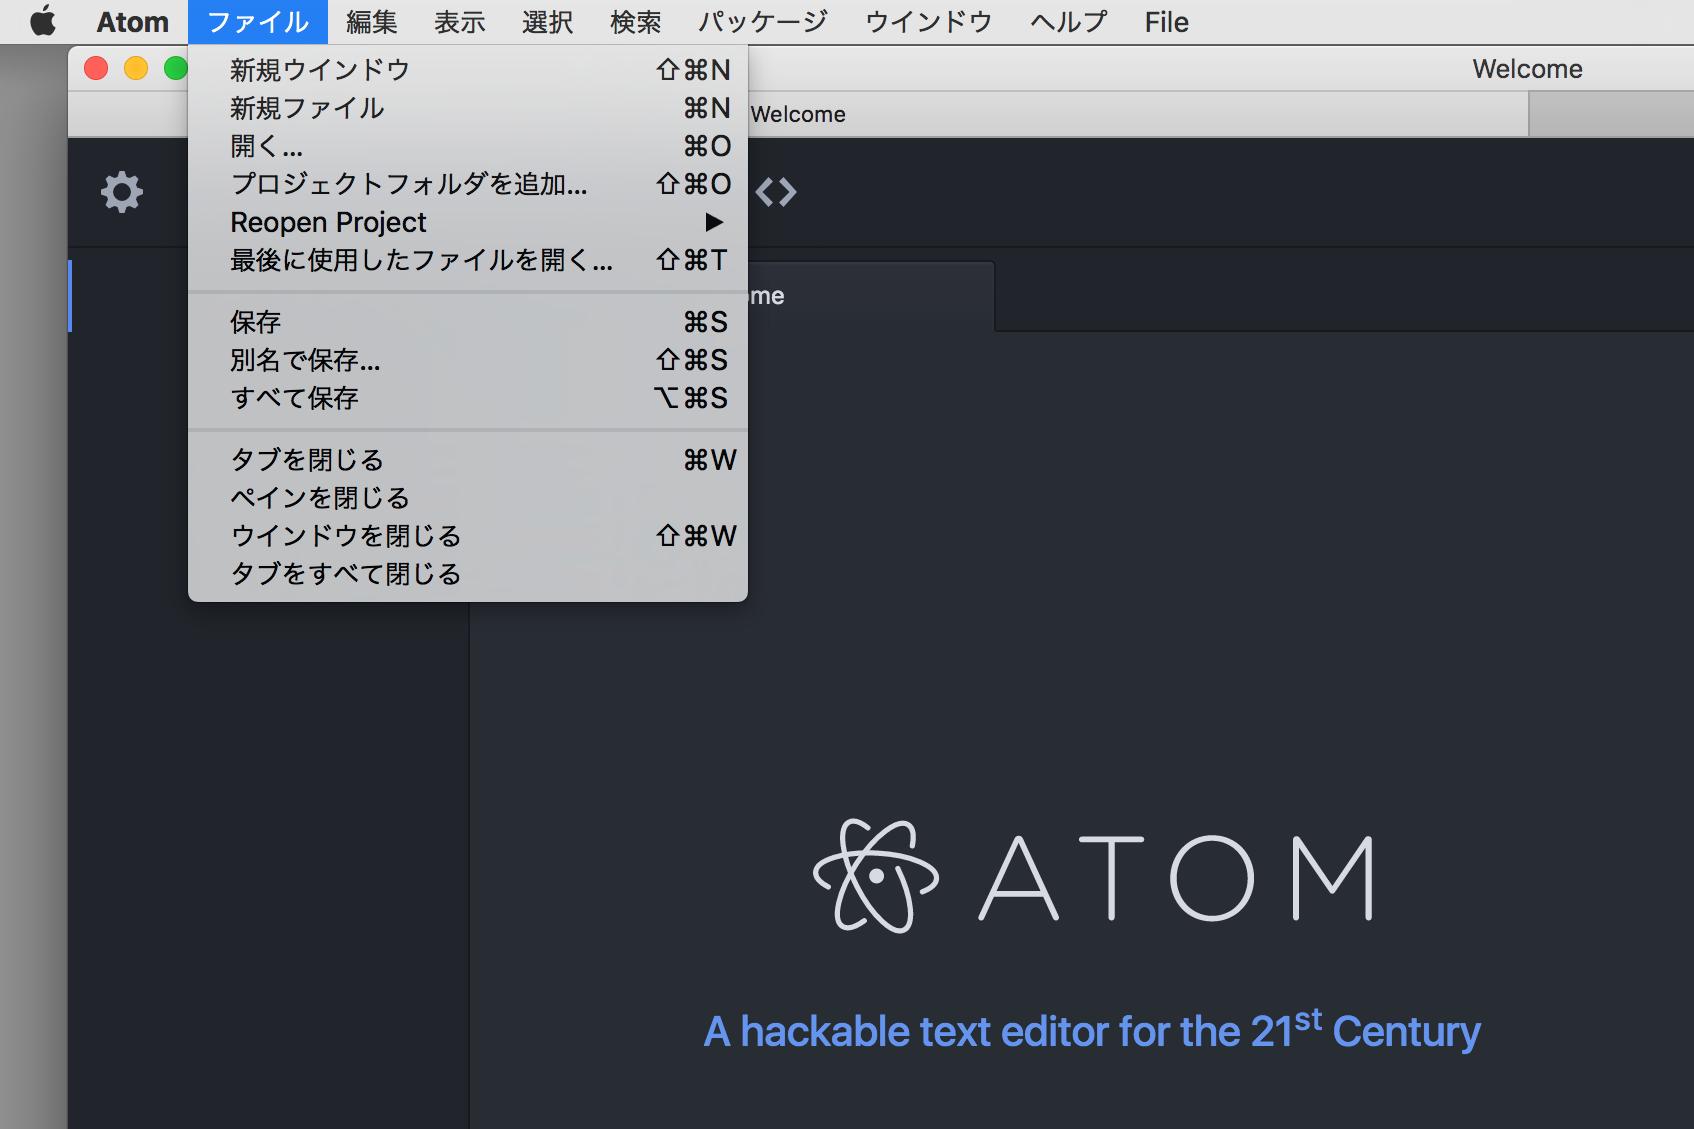 atom_japanese